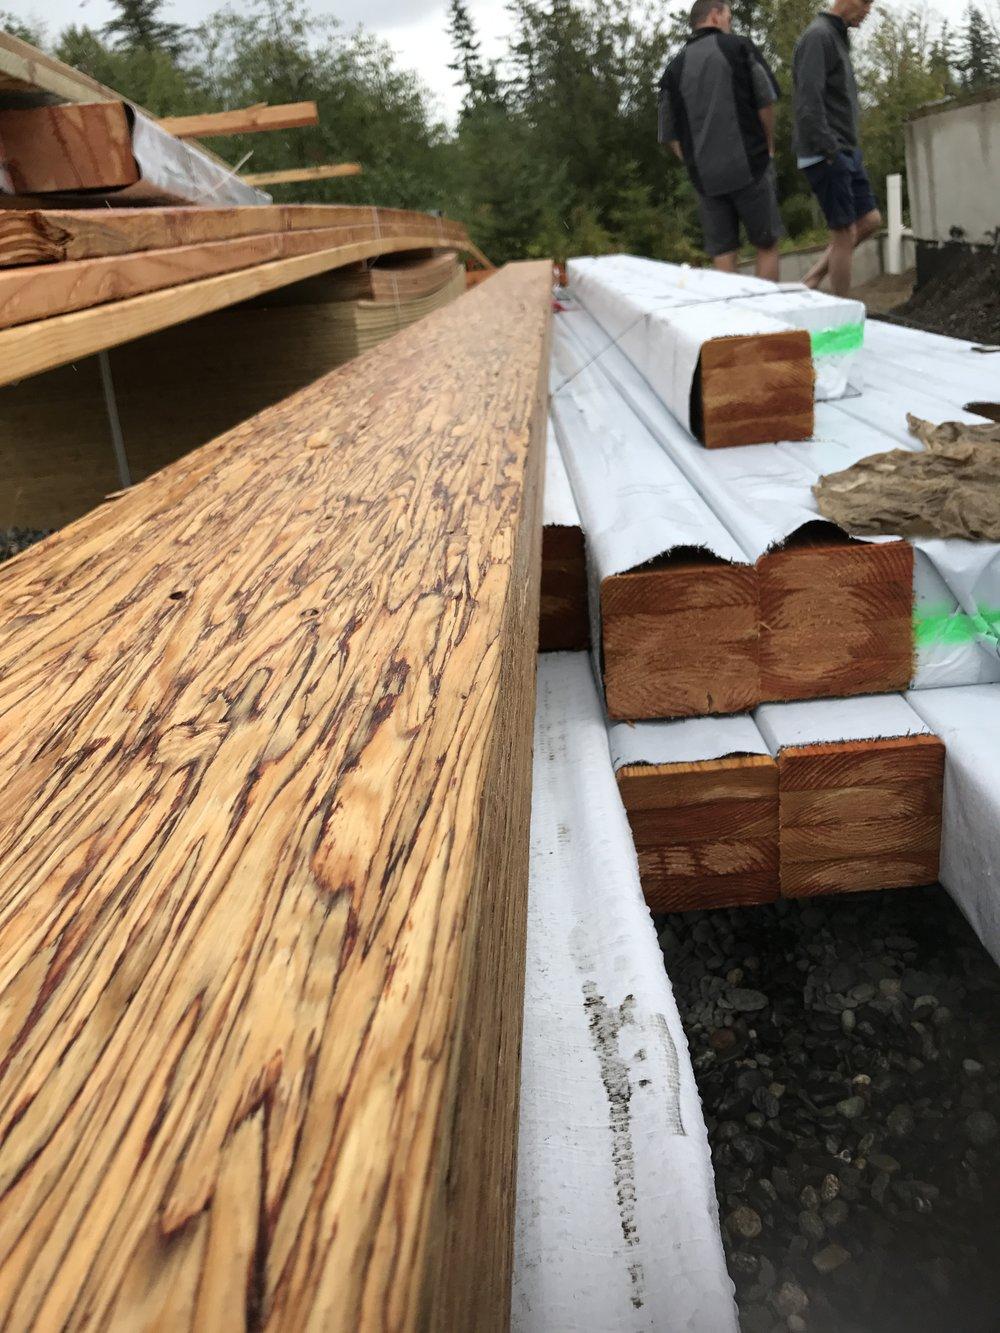 08 lumber arriving.jpg